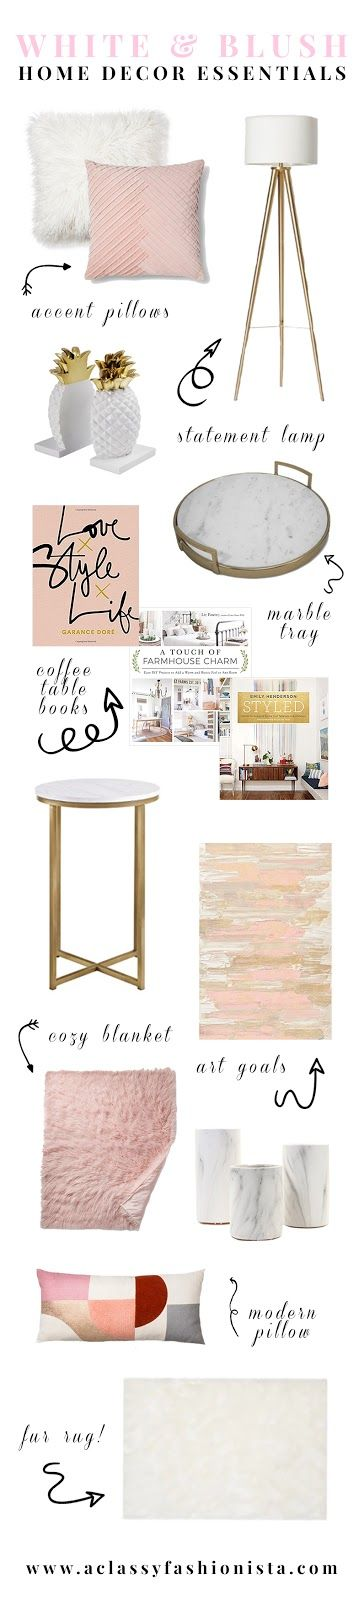 best 25 blush bedroom ideas on pinterest blush bedroom. Black Bedroom Furniture Sets. Home Design Ideas